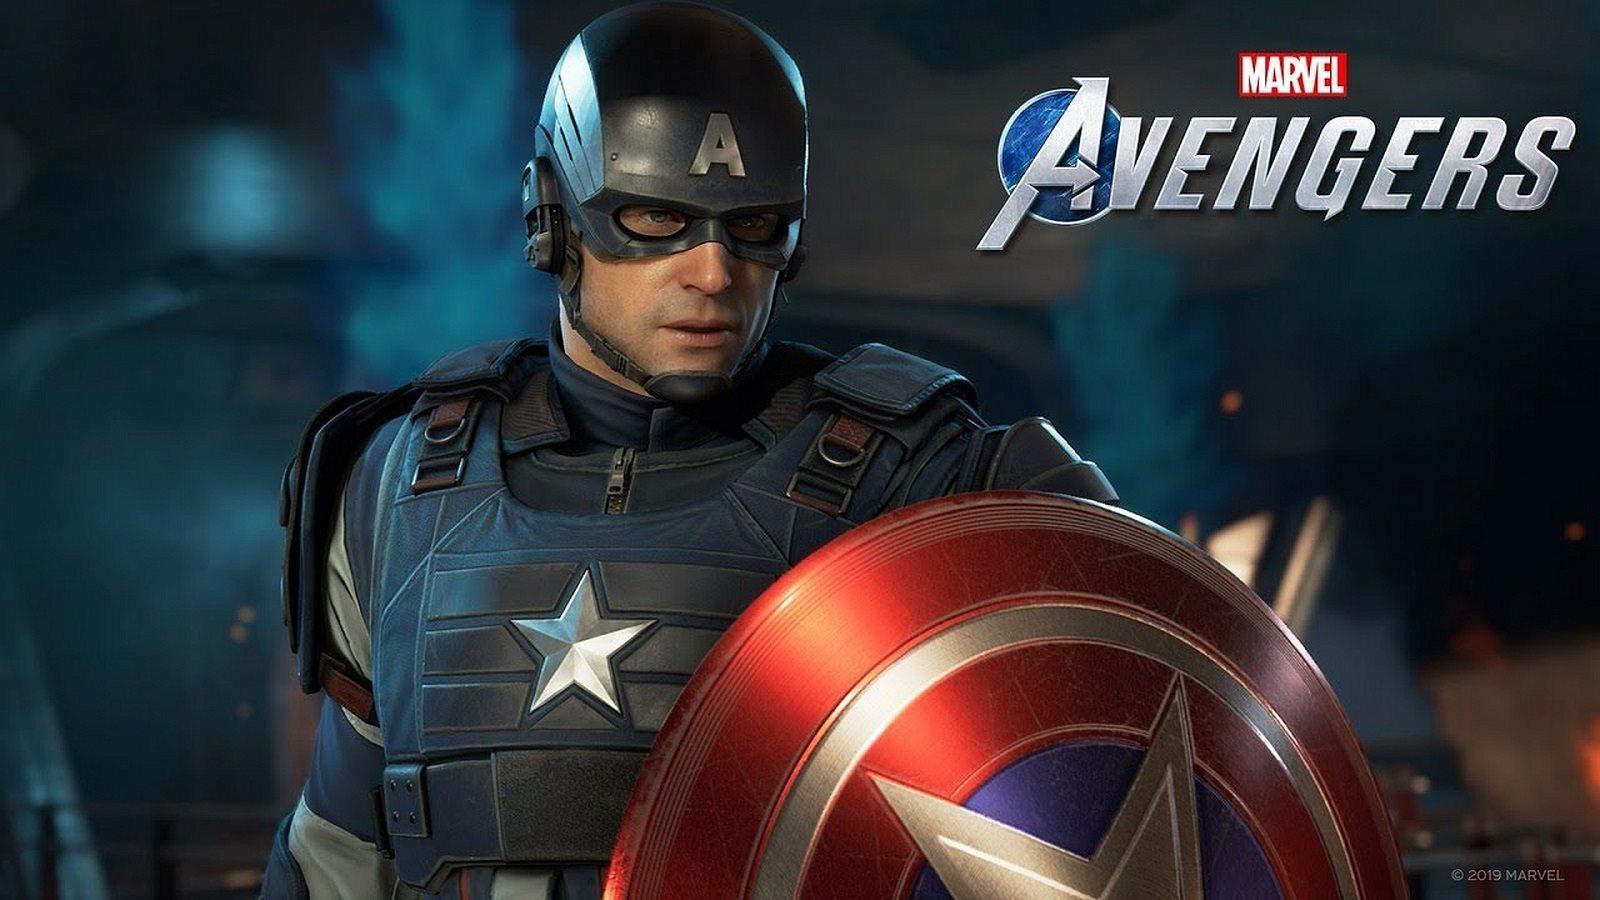 Marvel's Avengers; screenshot: Captain America